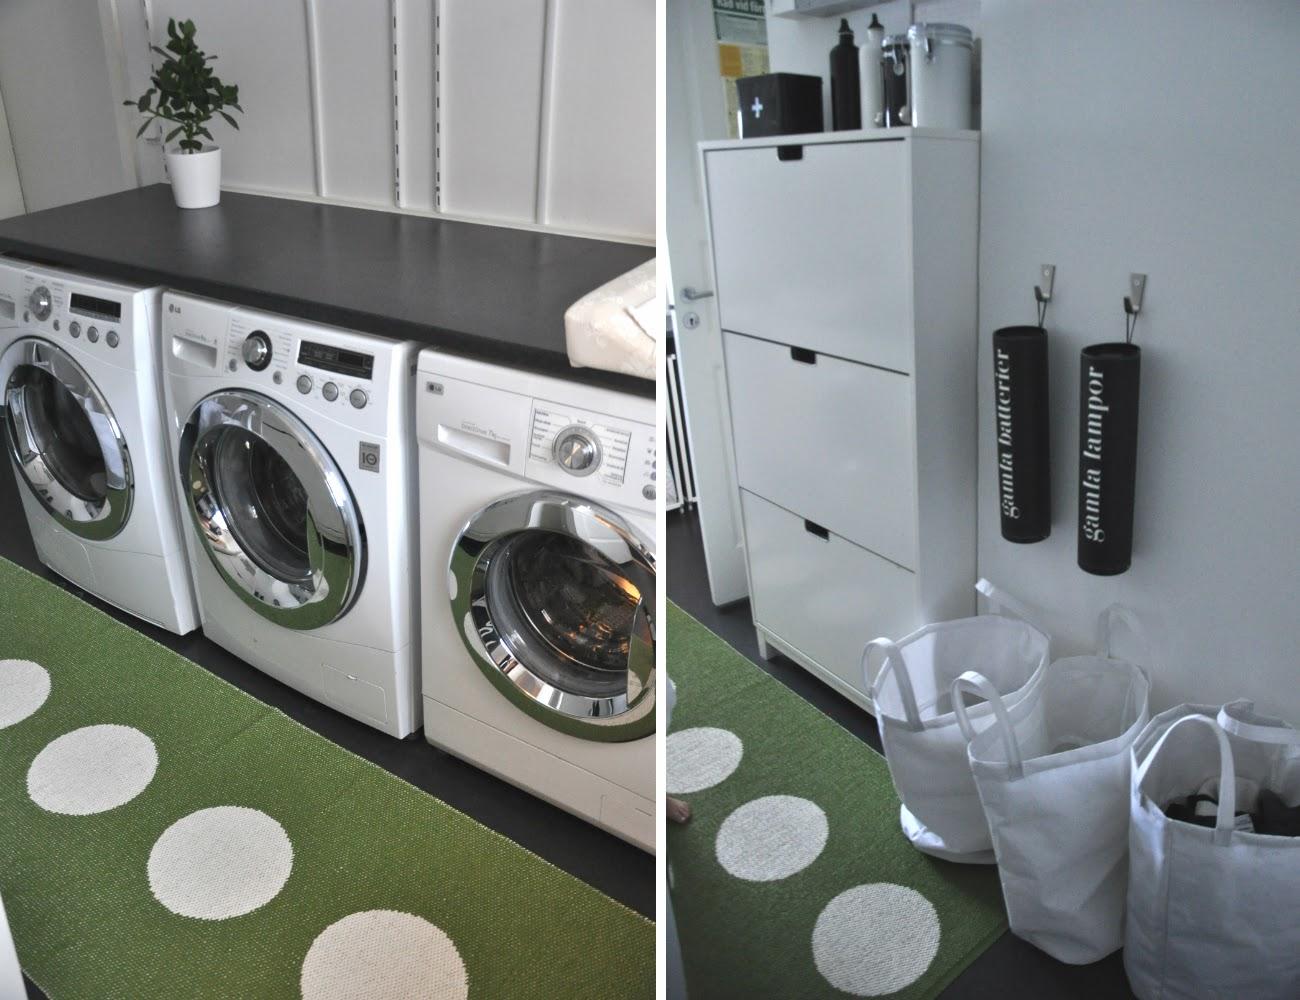 Tvattstuga Ikea ~ Interiörinspiration och idéer för hemdesign